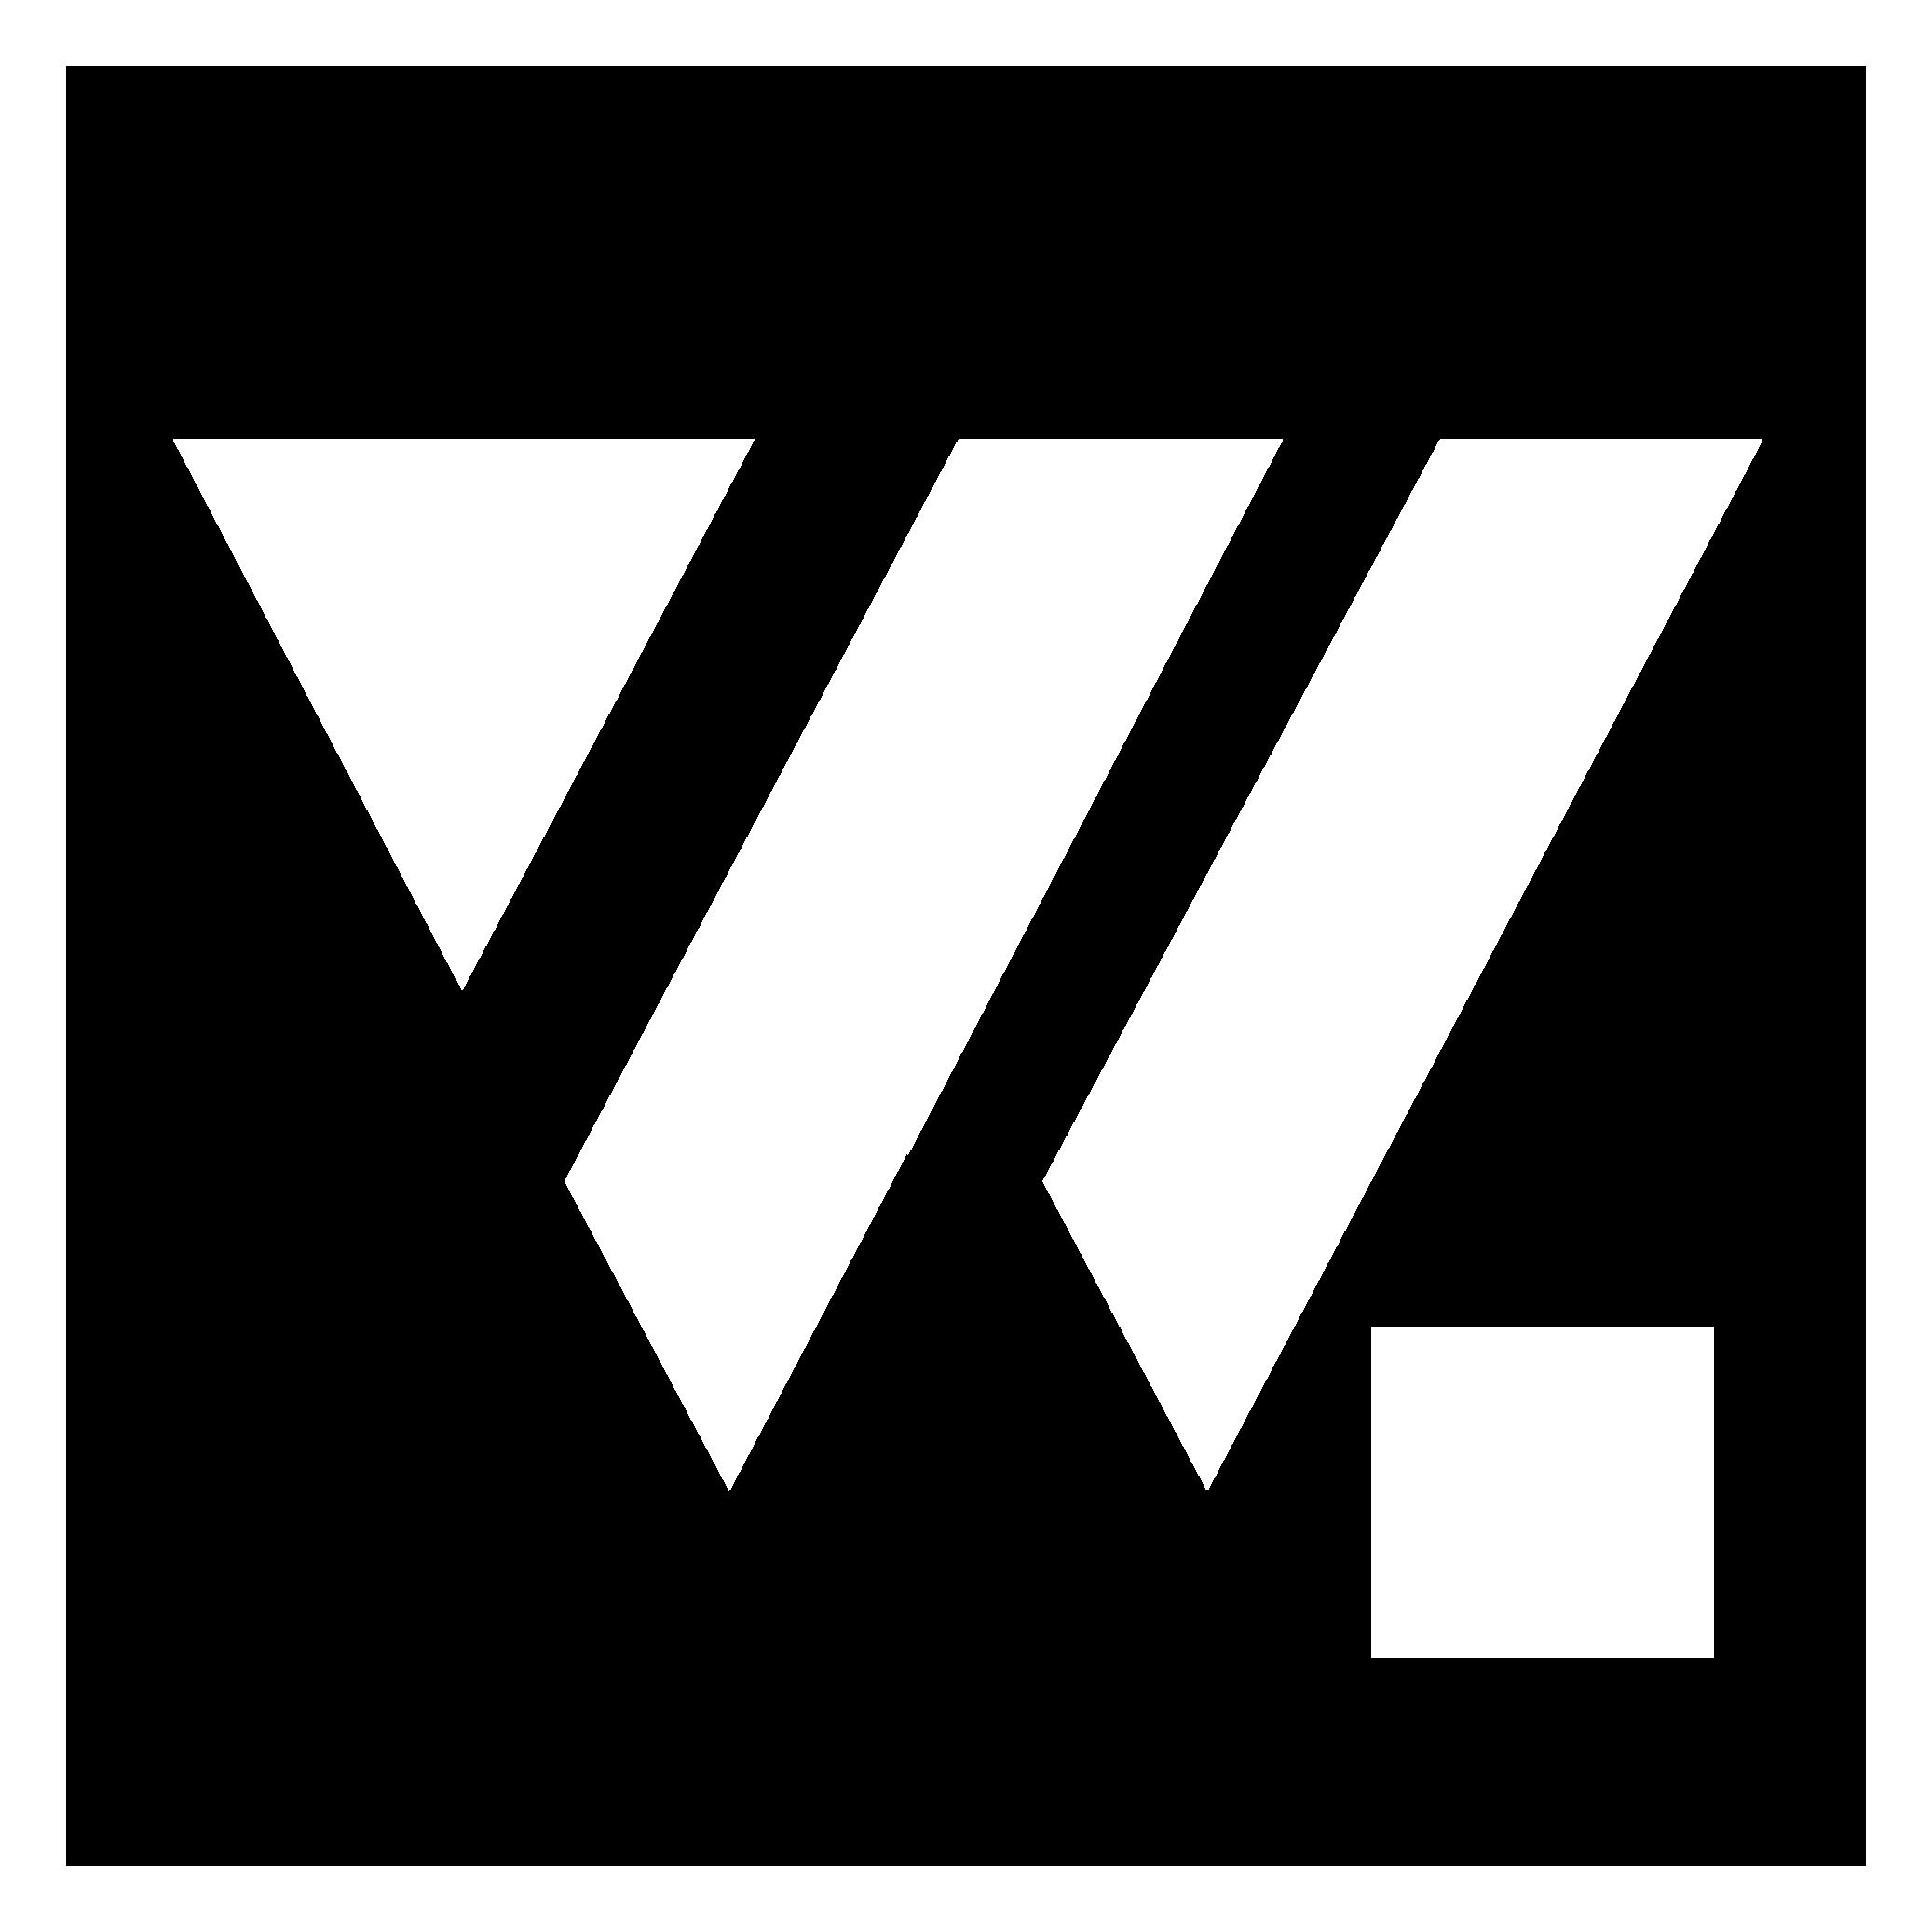 Wapix - création site web - impression tout support - graphisme - vidéo